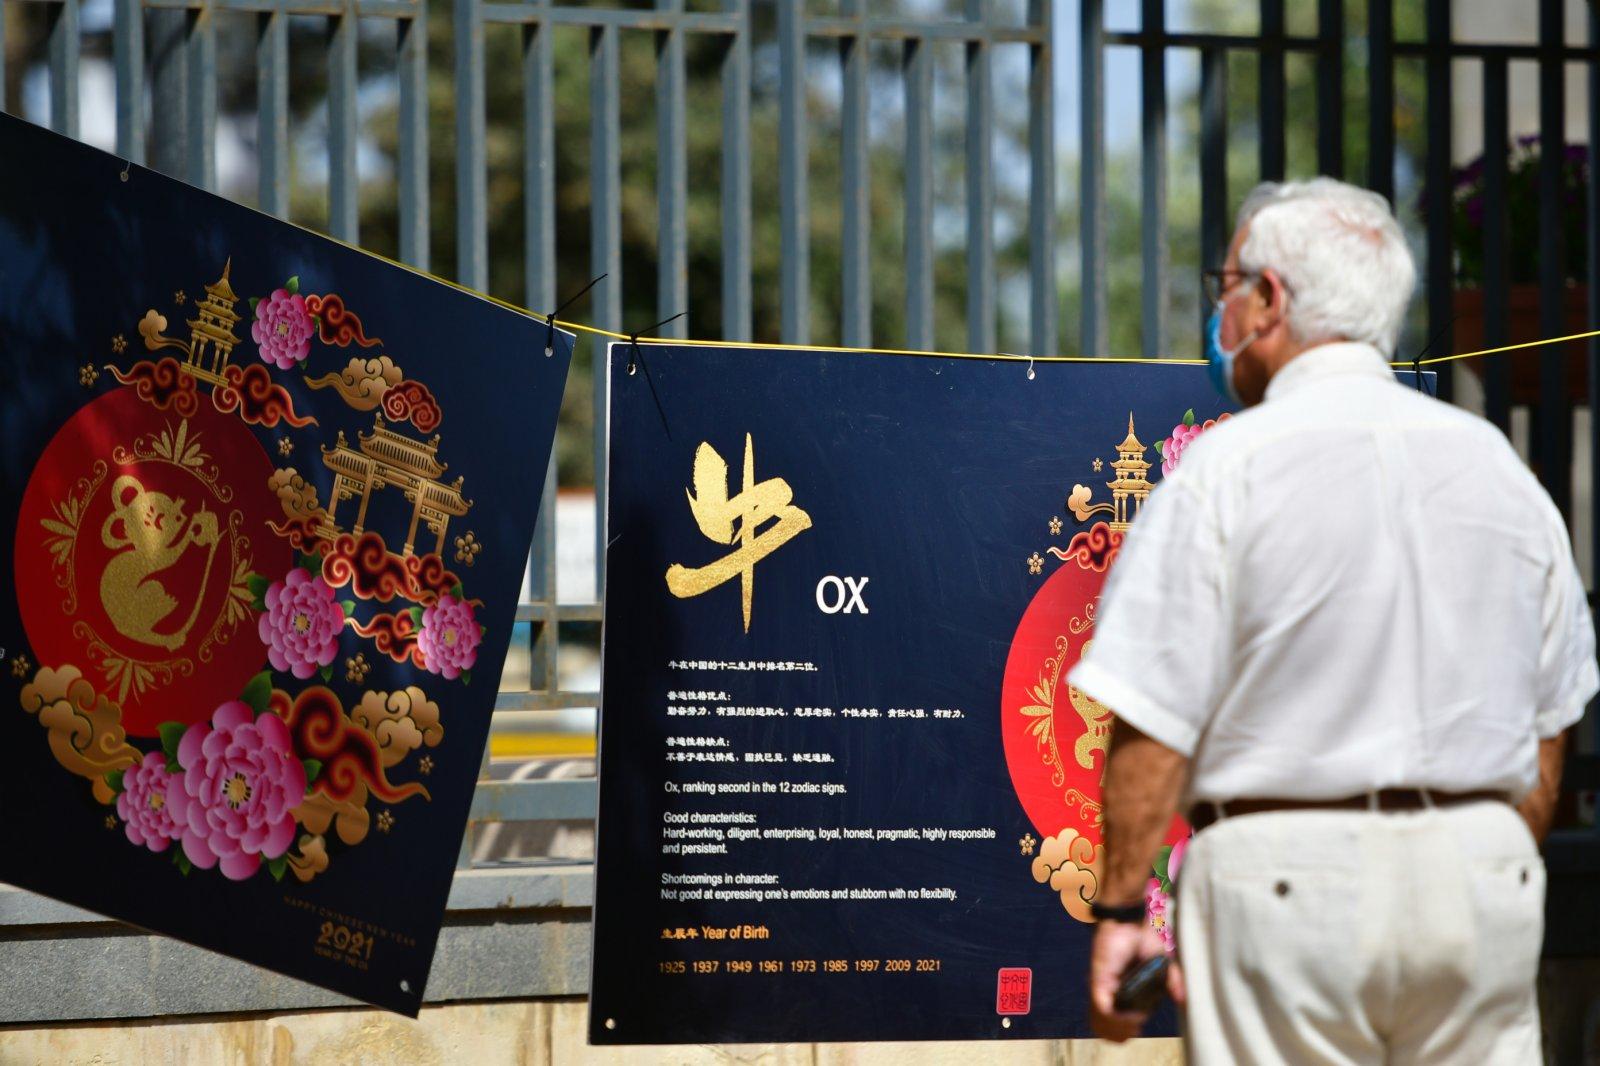 6月7日,一名男子在馬耳他桑塔露琪亞市舉行的「美麗中國」攝影圖片展上參觀。(新華社)